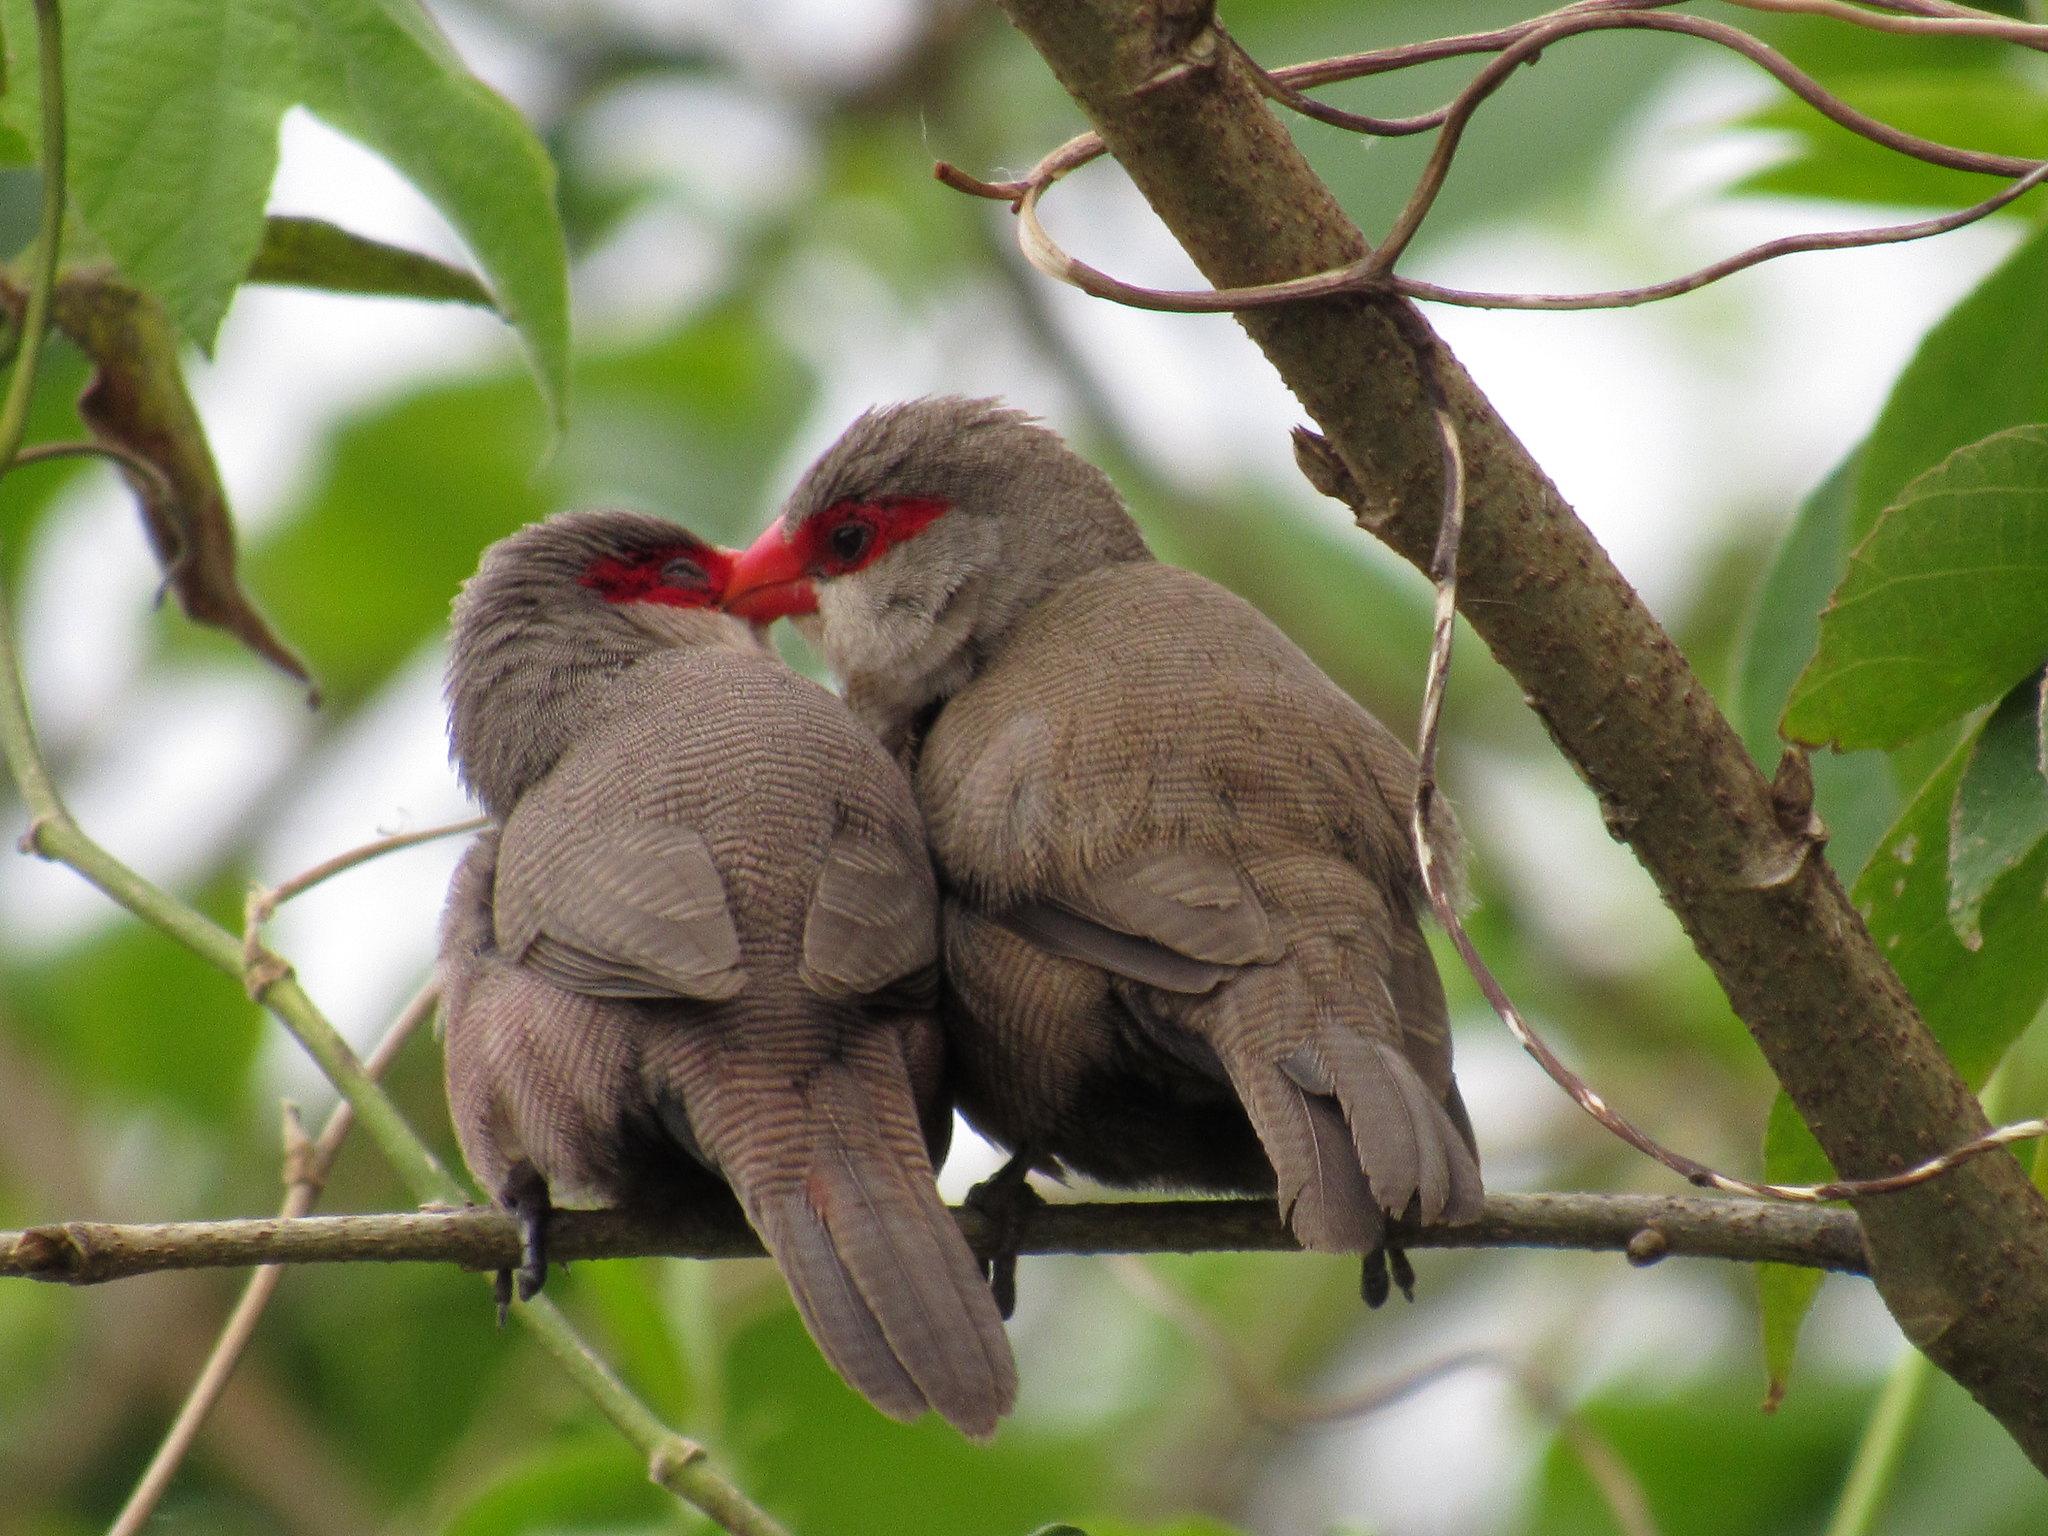 Festival de Aves movimenta Ilhabela a partir deste final de semana